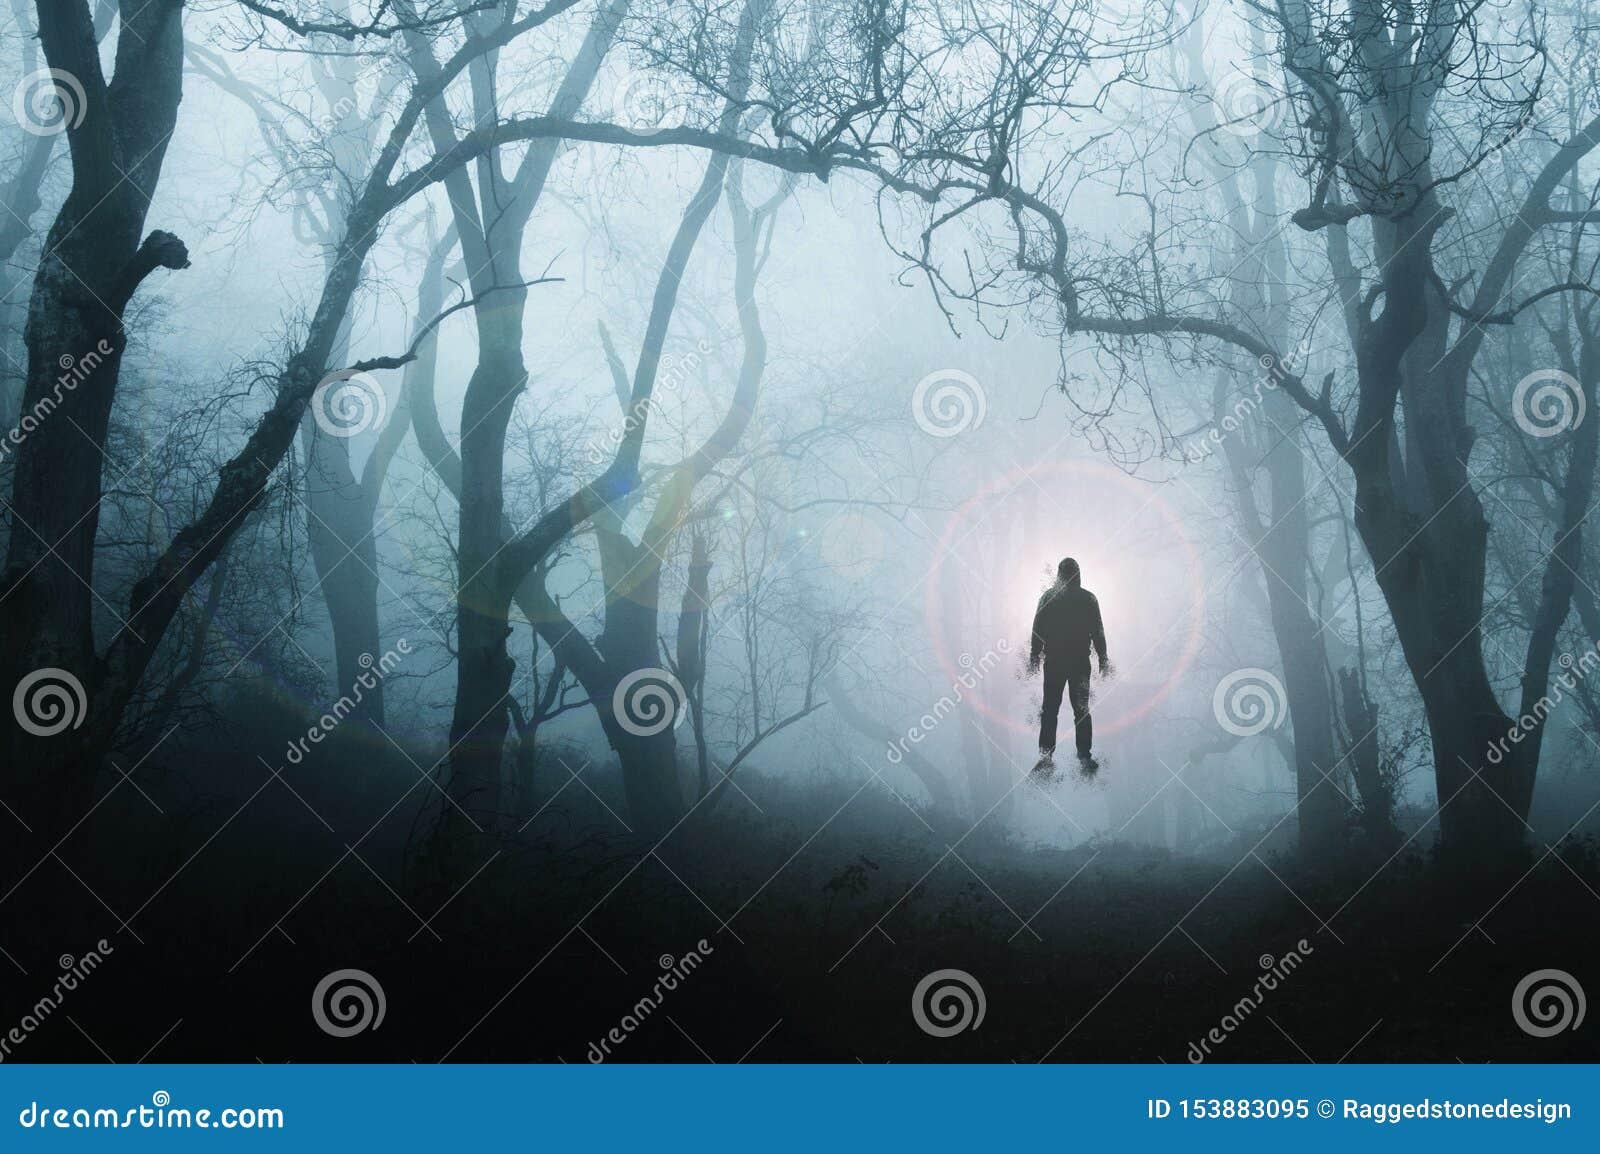 En spöklik kuslig skog i vinter, med en man som svävar mot ett ljust ljus, med träden silhouetted av dimma Med dämpat blått